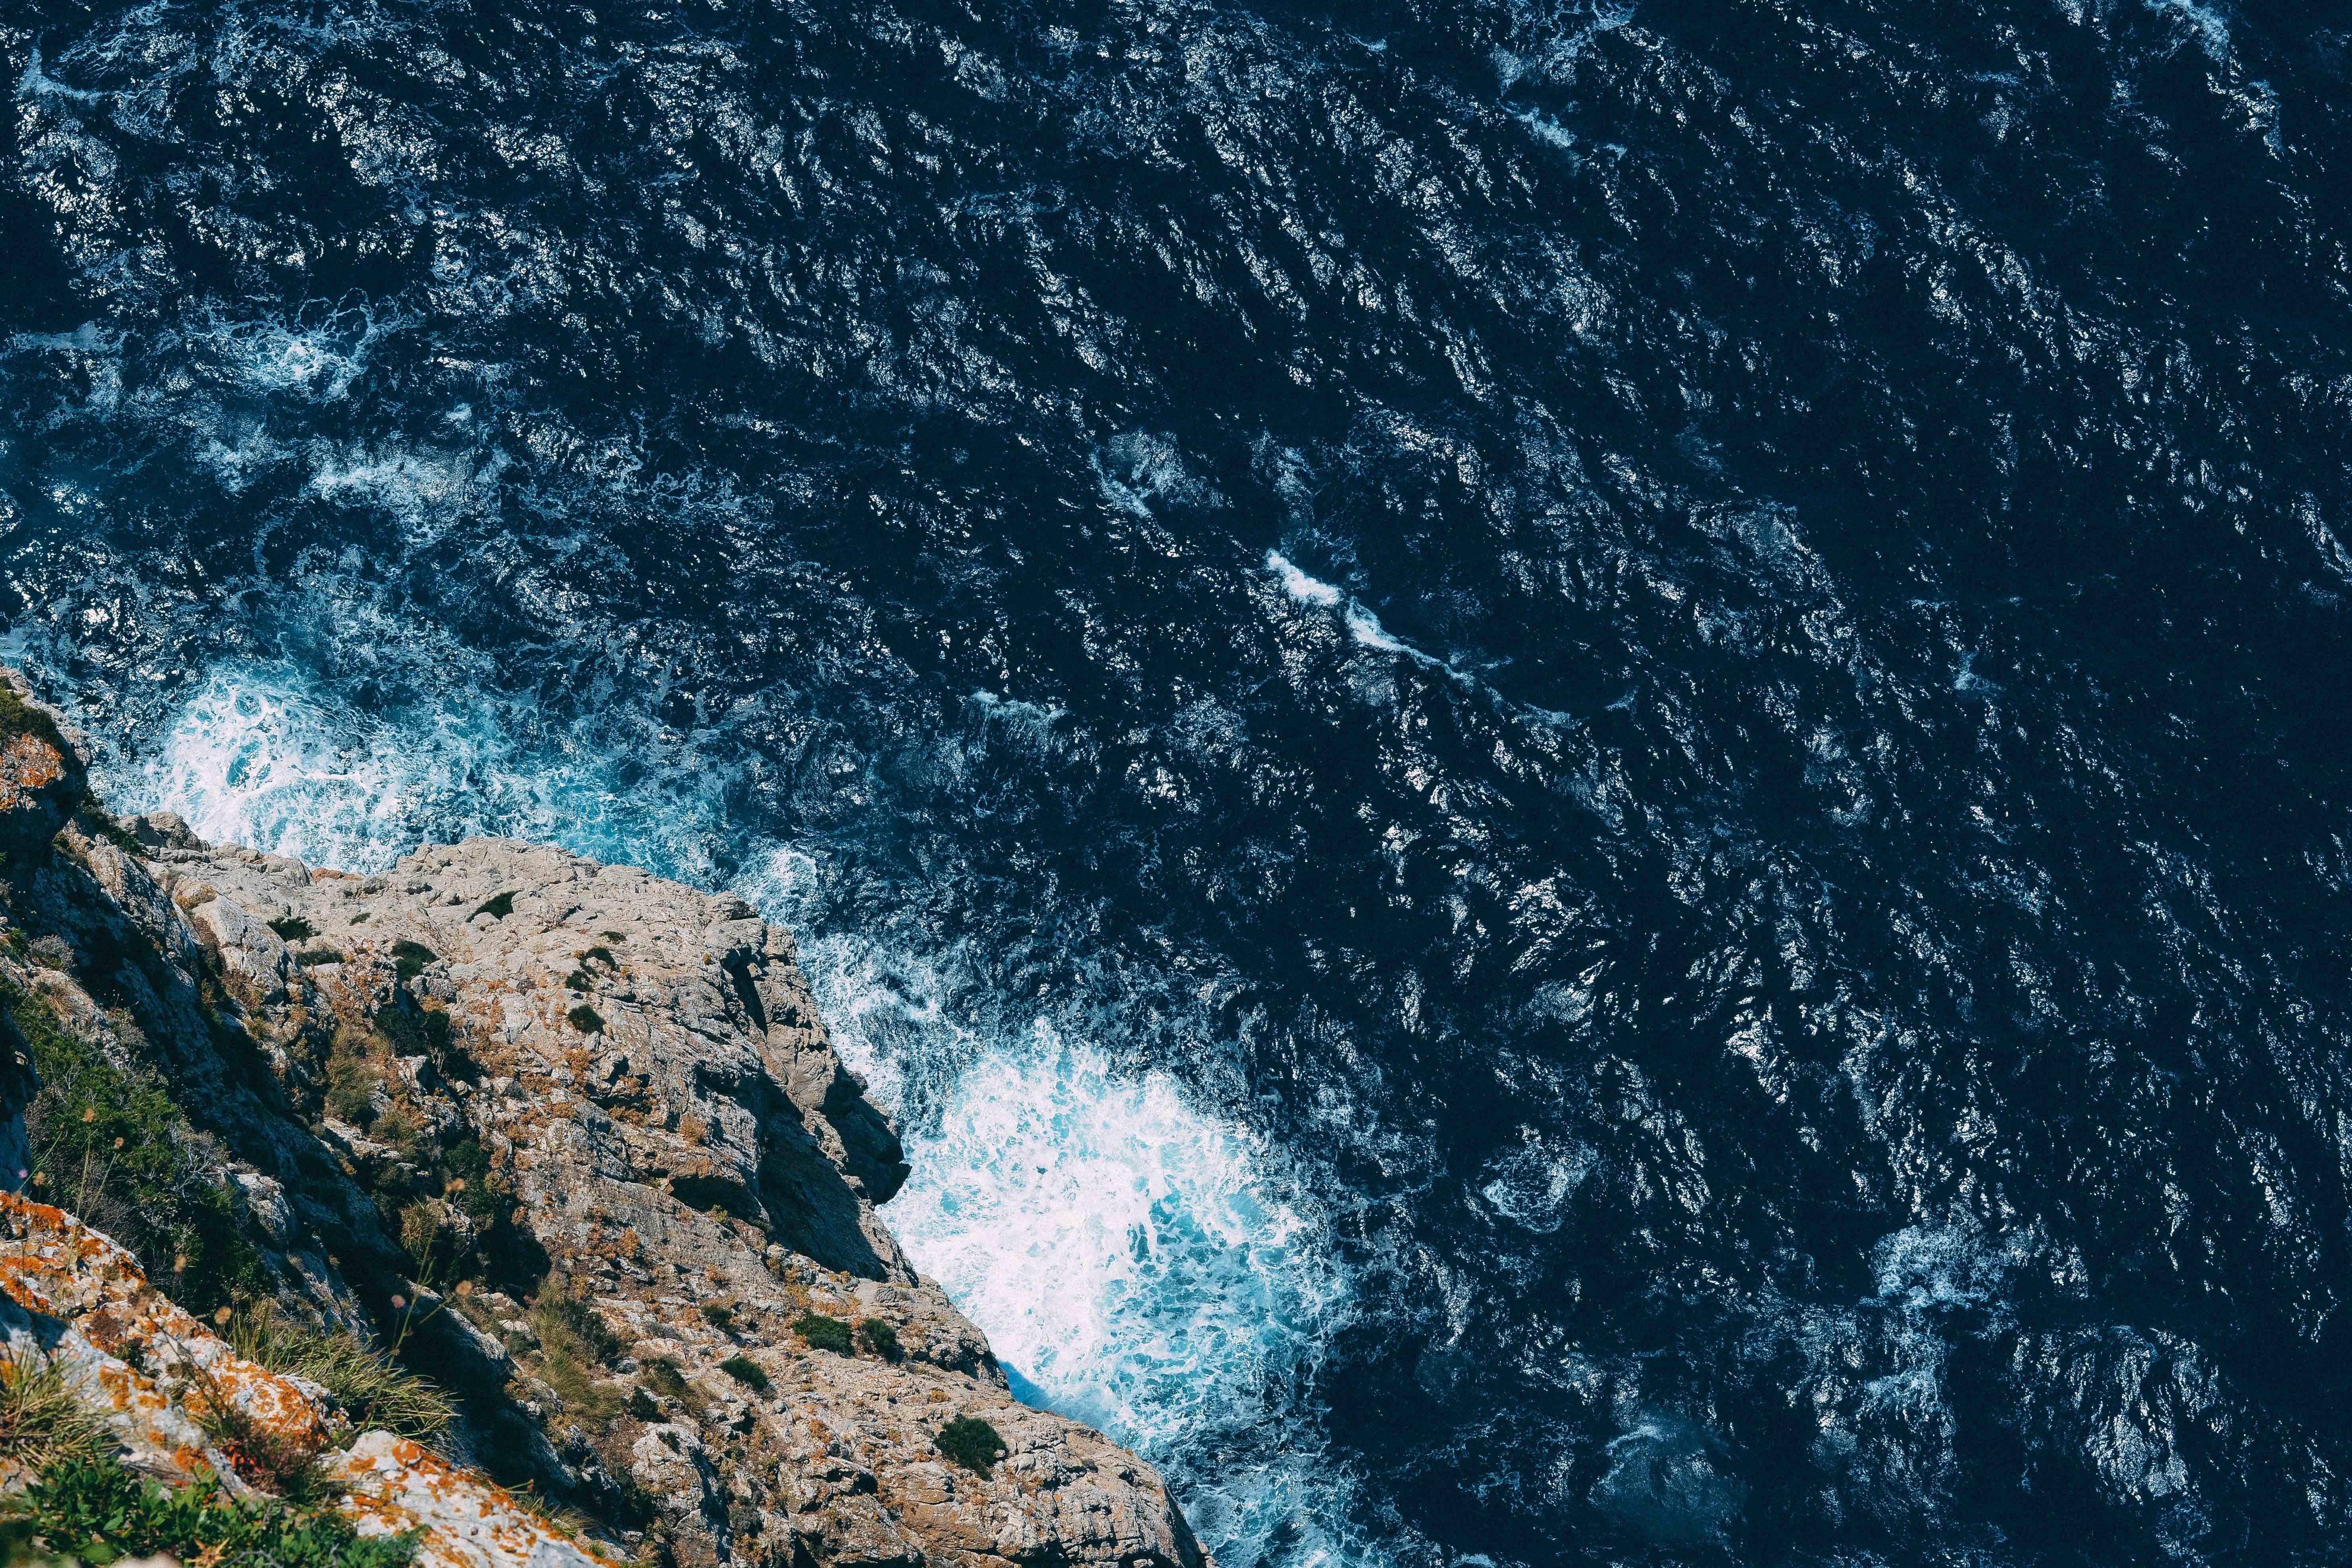 Calas de Mallorca - Cala Formentor en Mallorca